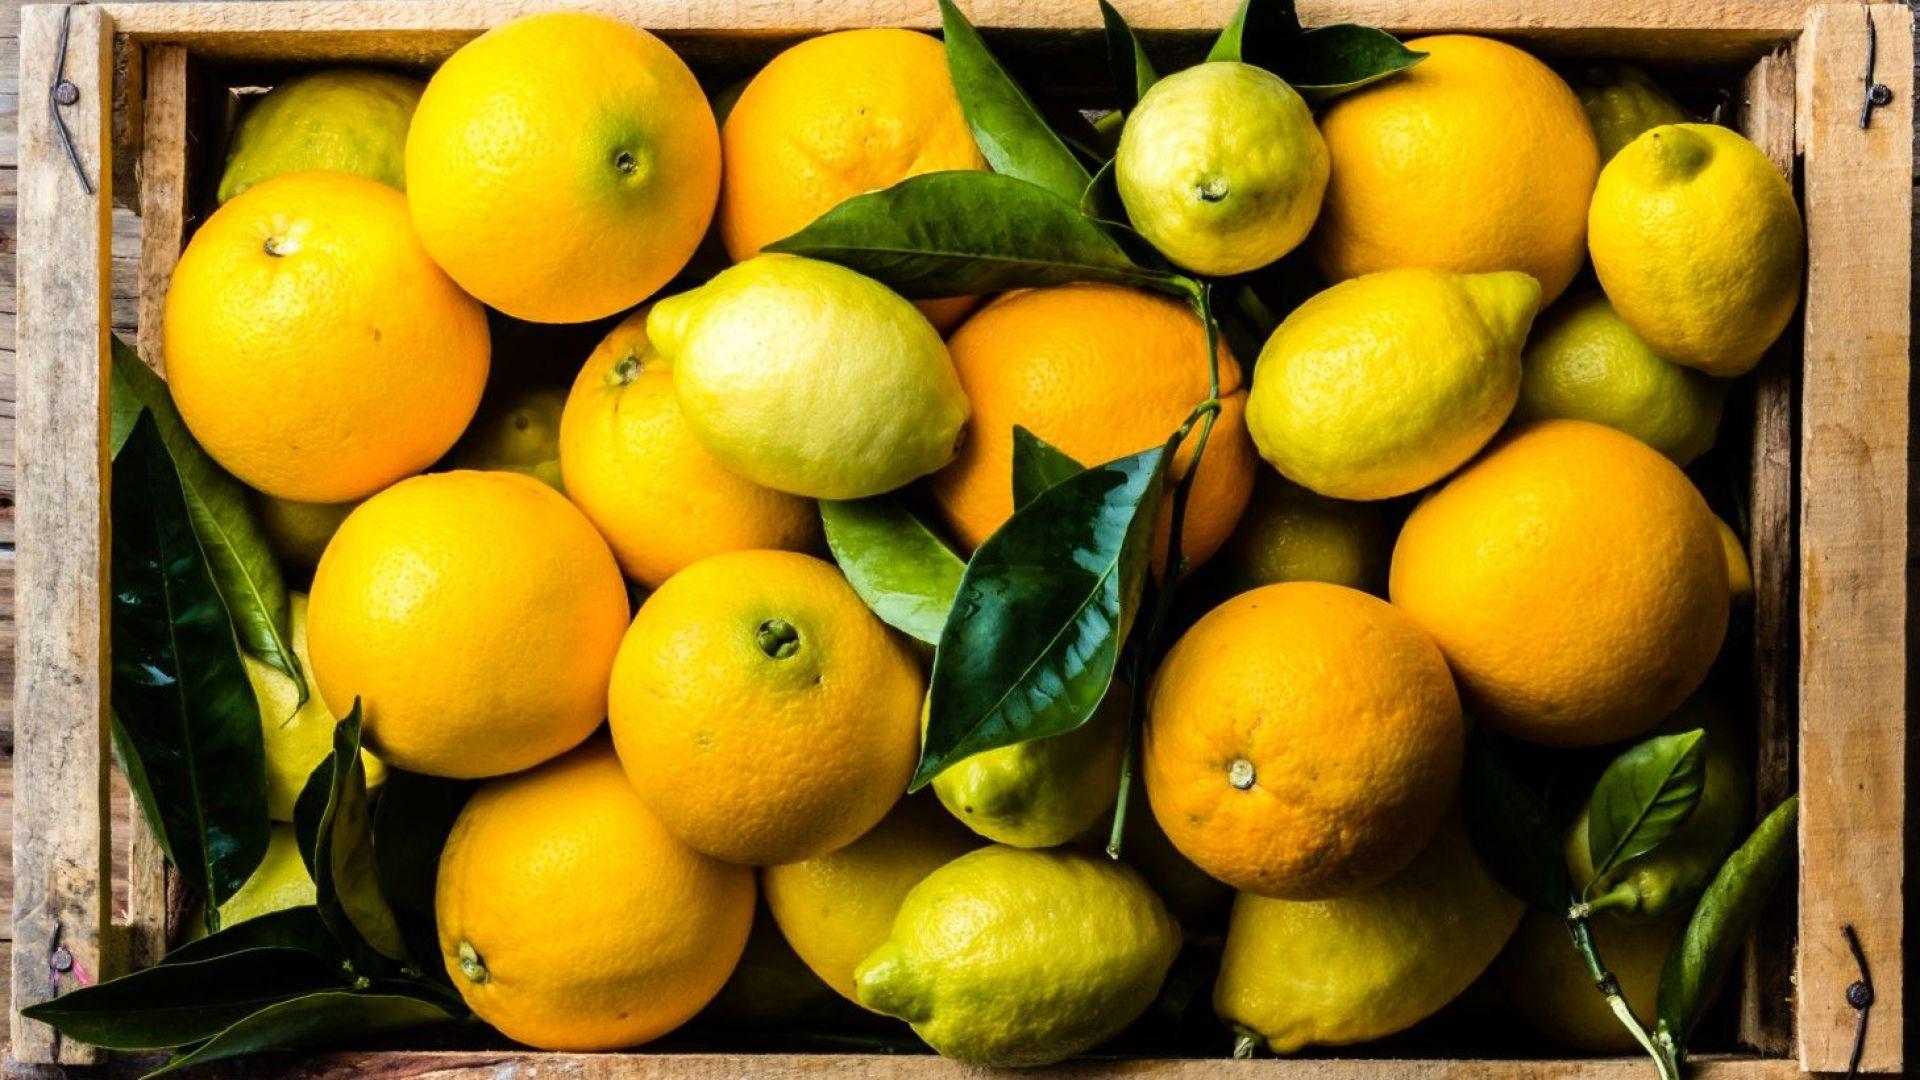 Двоен и троен скок на цените на портокали и лимони прогнозират учени